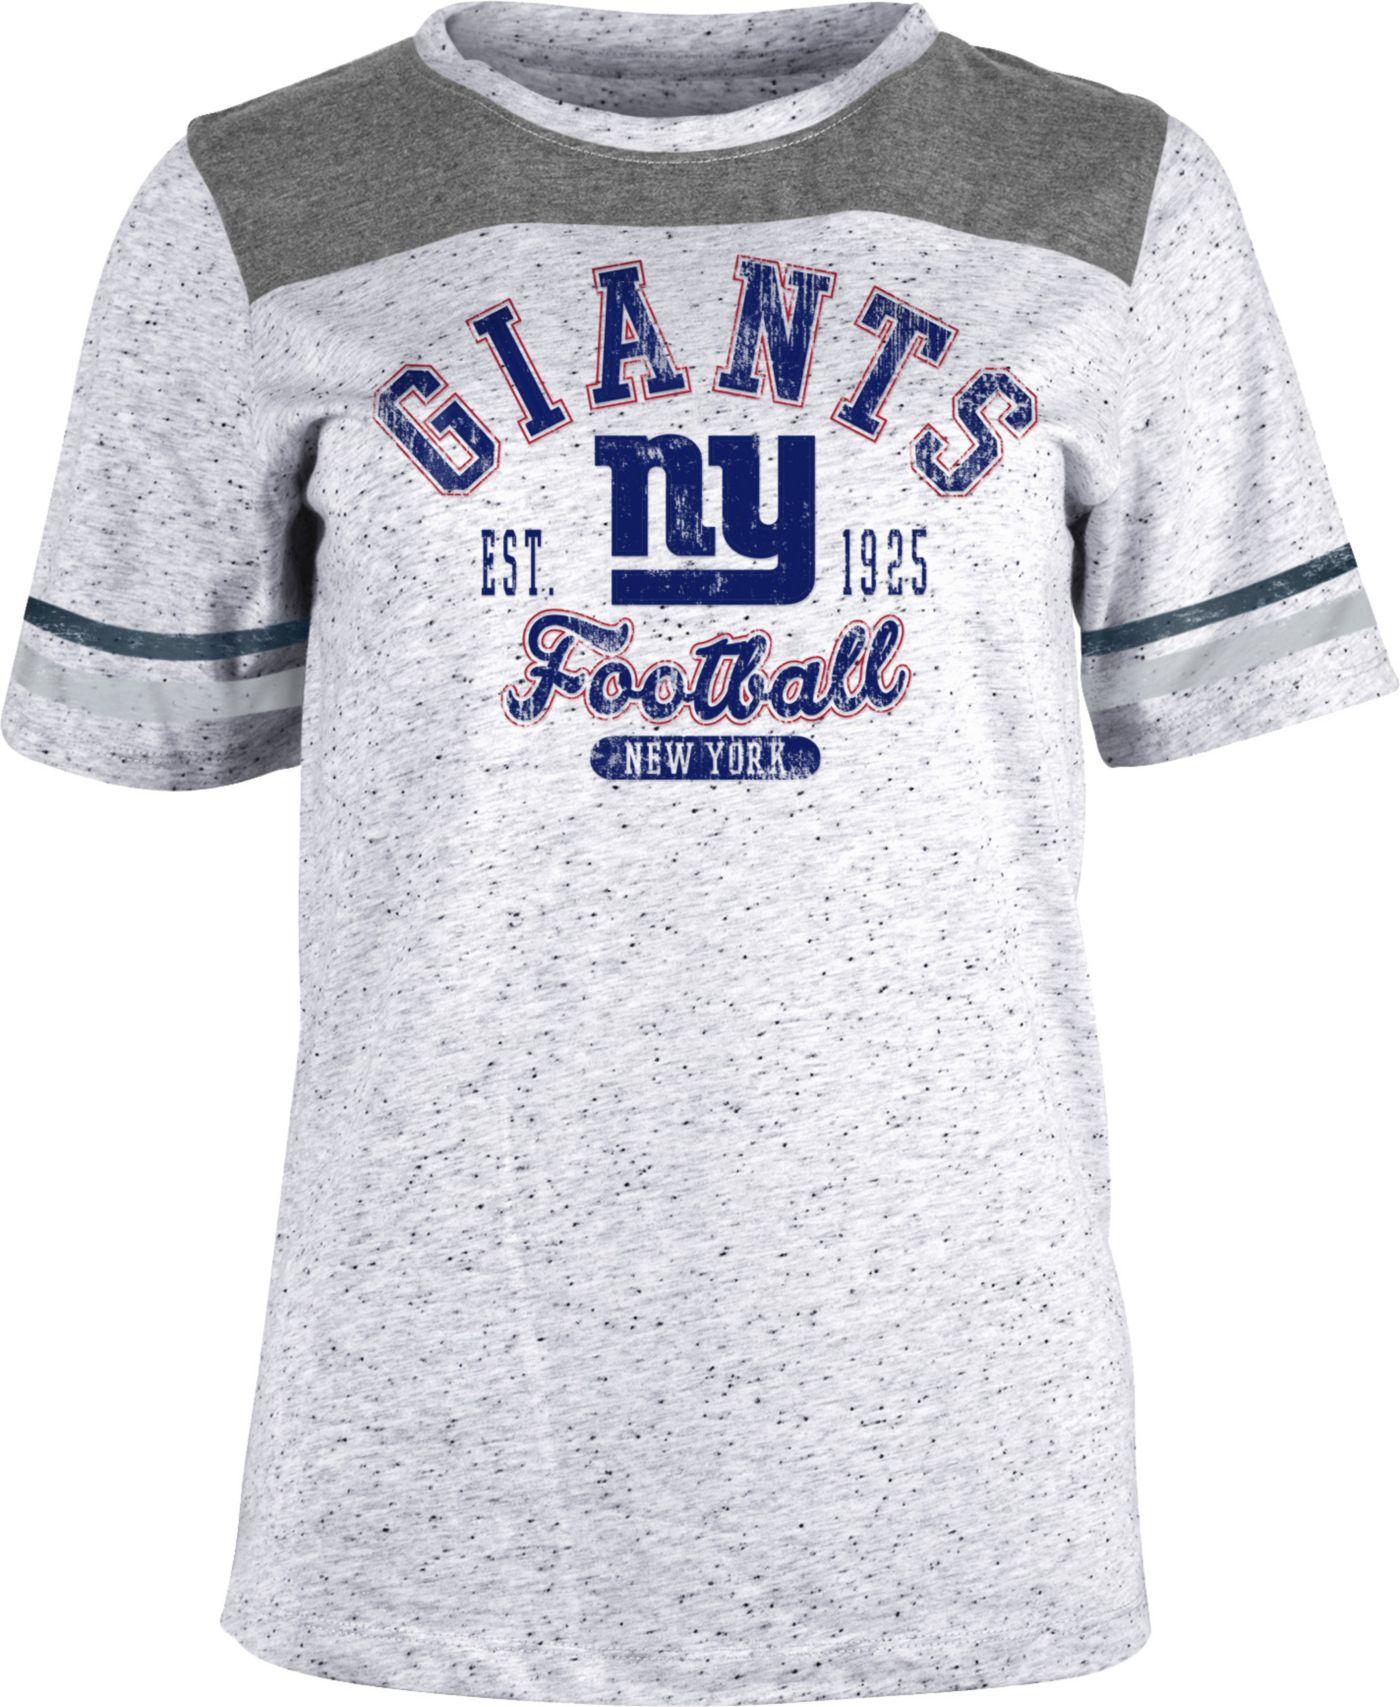 NFL Team Apparel Women's New York Giants Peppercorn T-Shirt